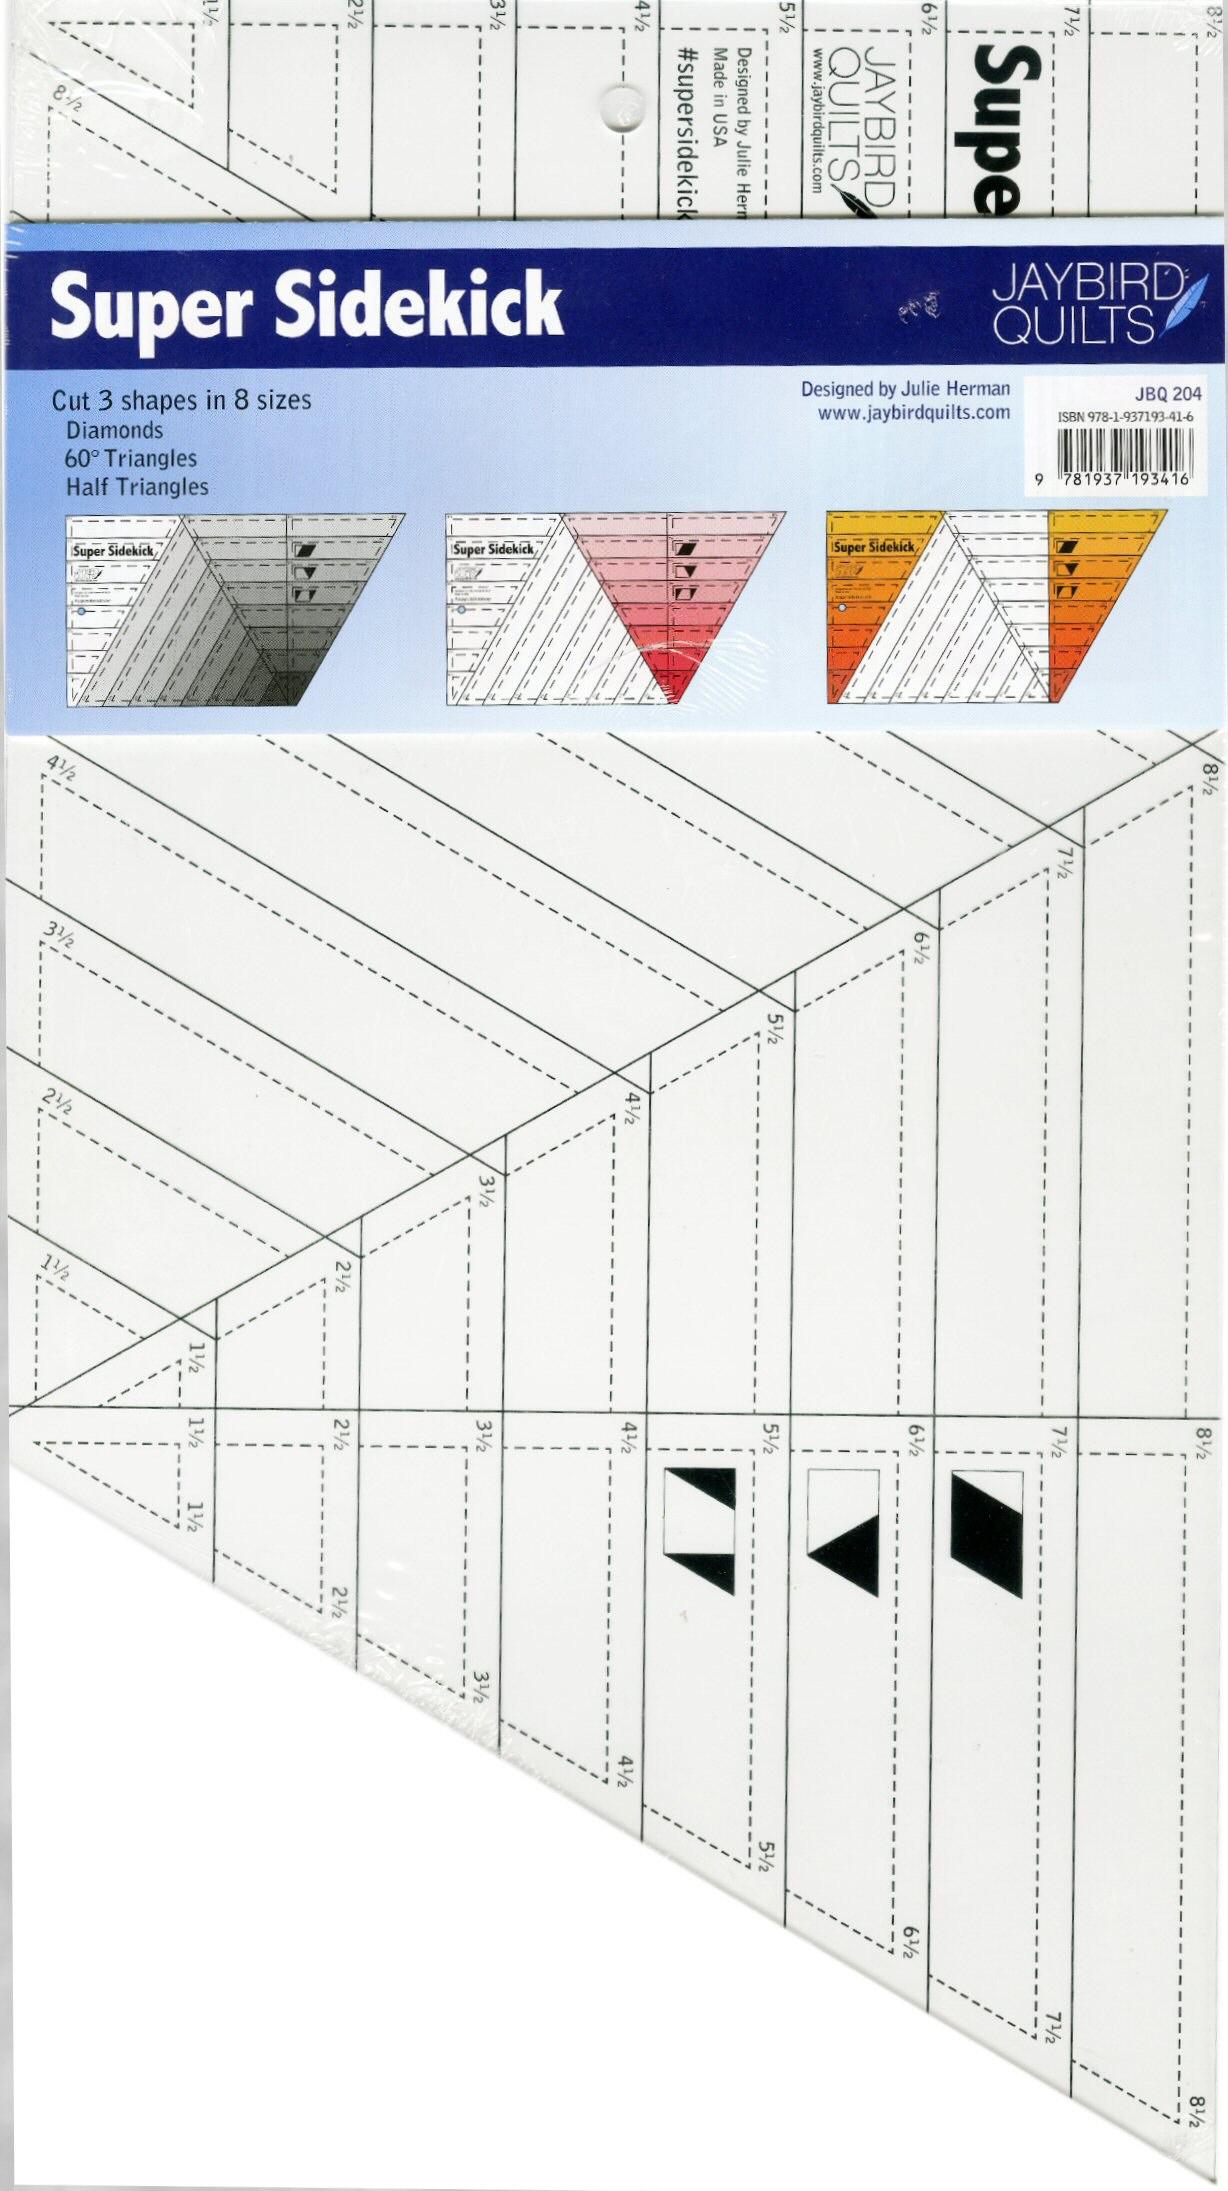 SuperSidekick_ruler_Jaybird_Quilts.jpg